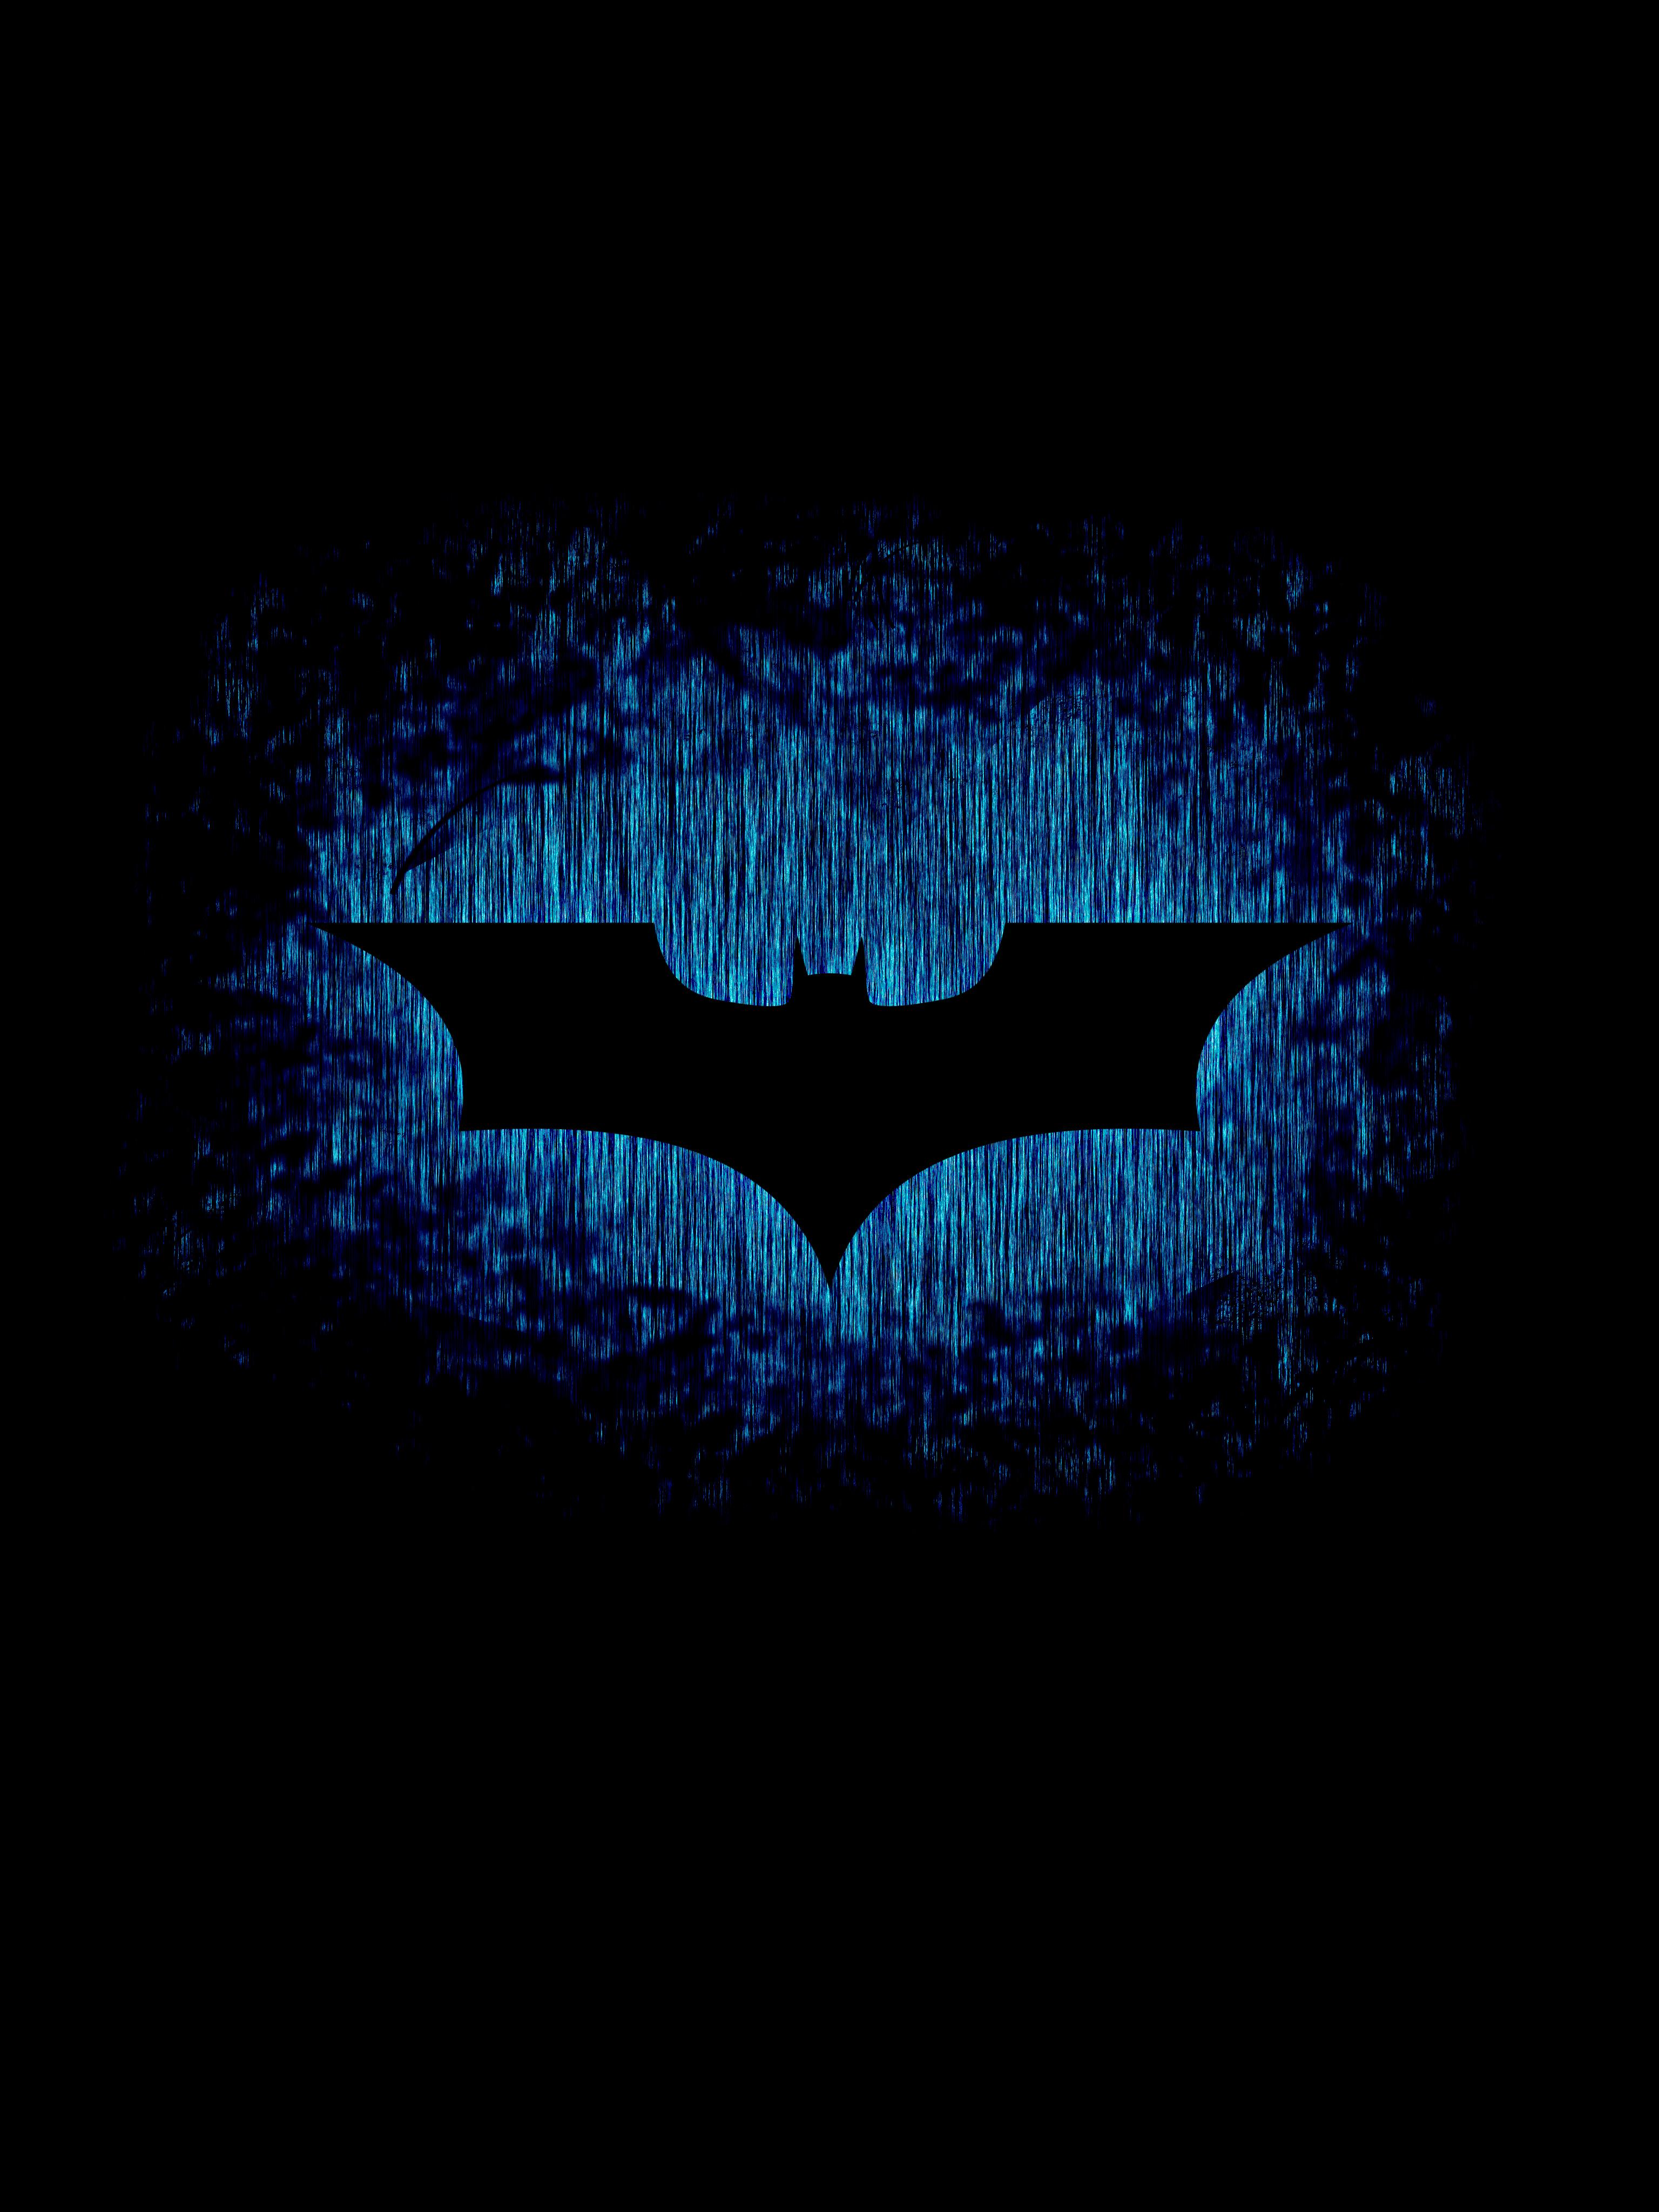 The Dark Knight Rises - HD Wallpaper